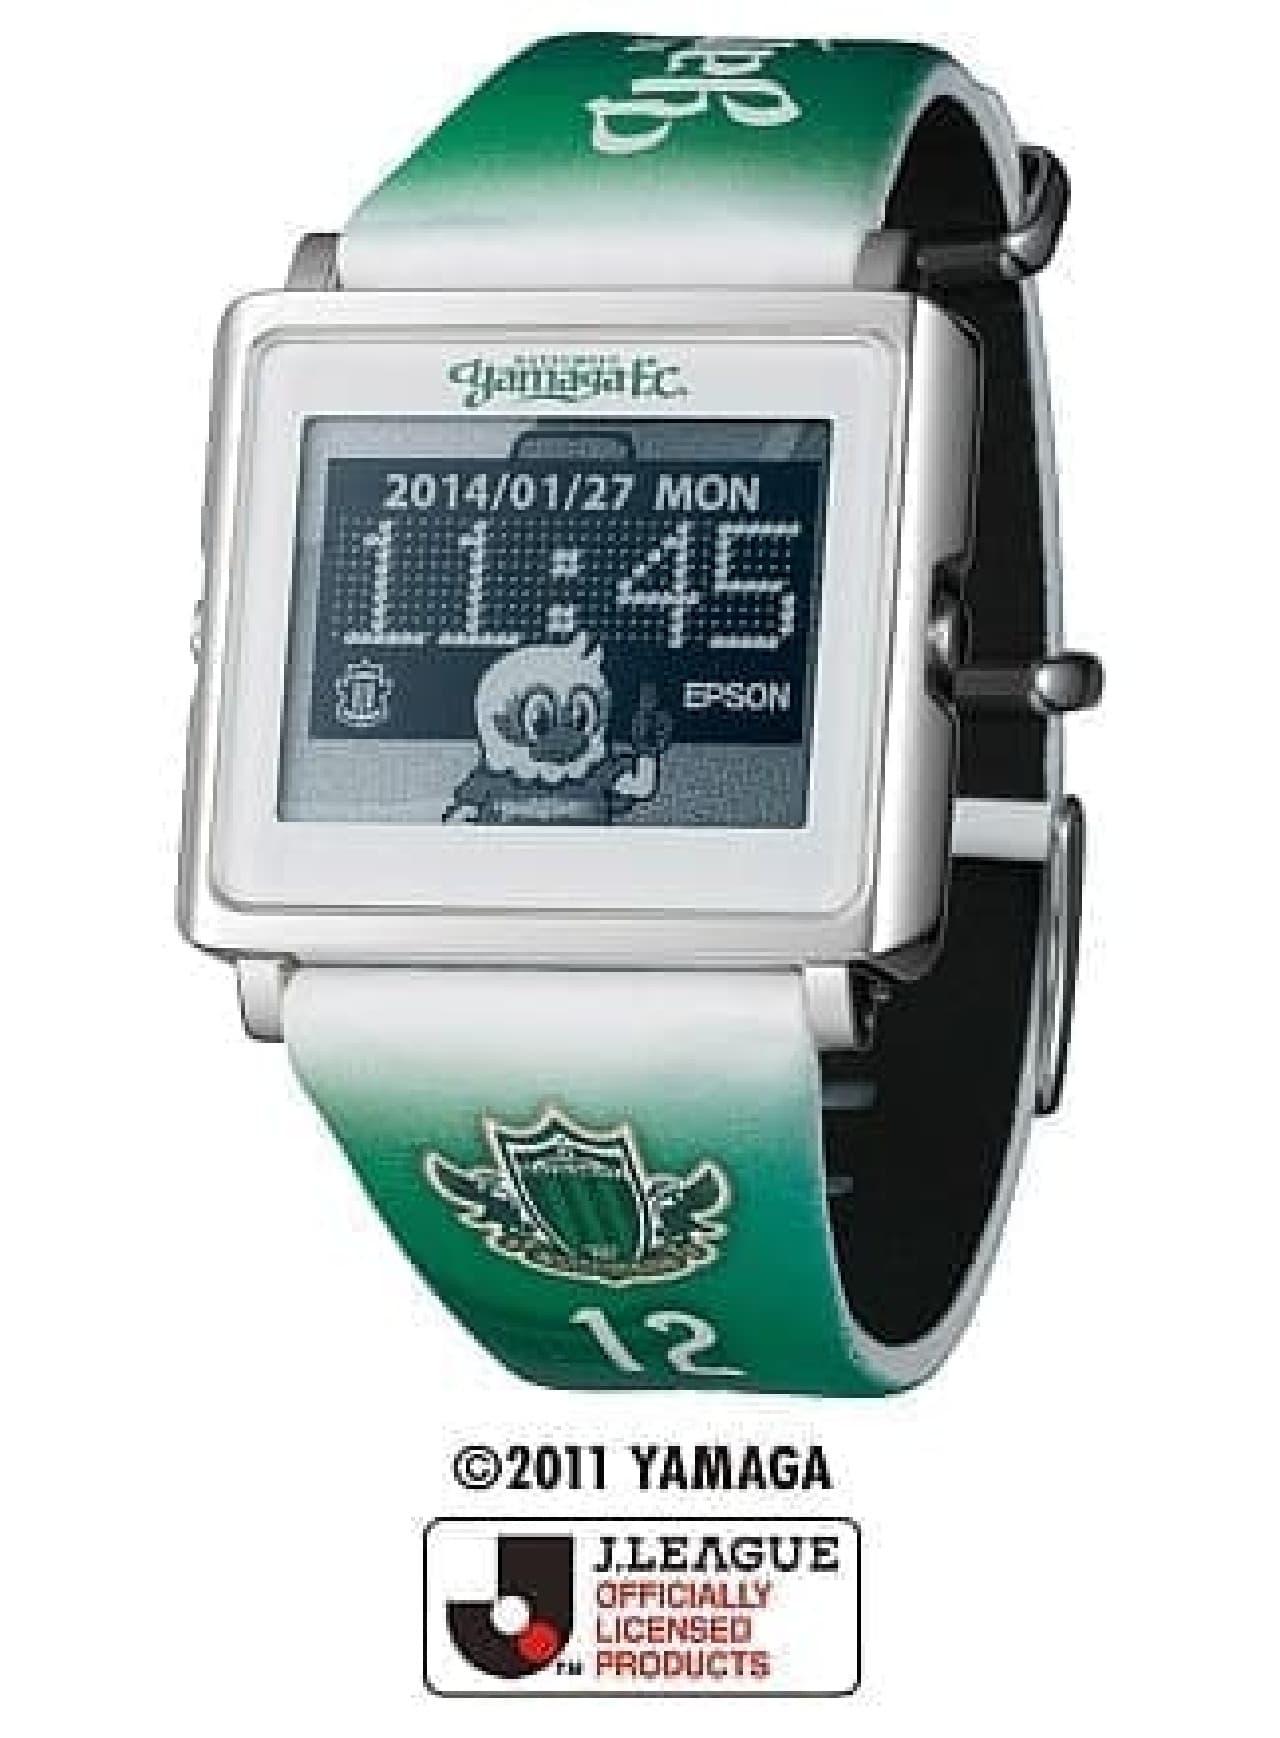 緑色が印象的な「松本山雅FC」モデル